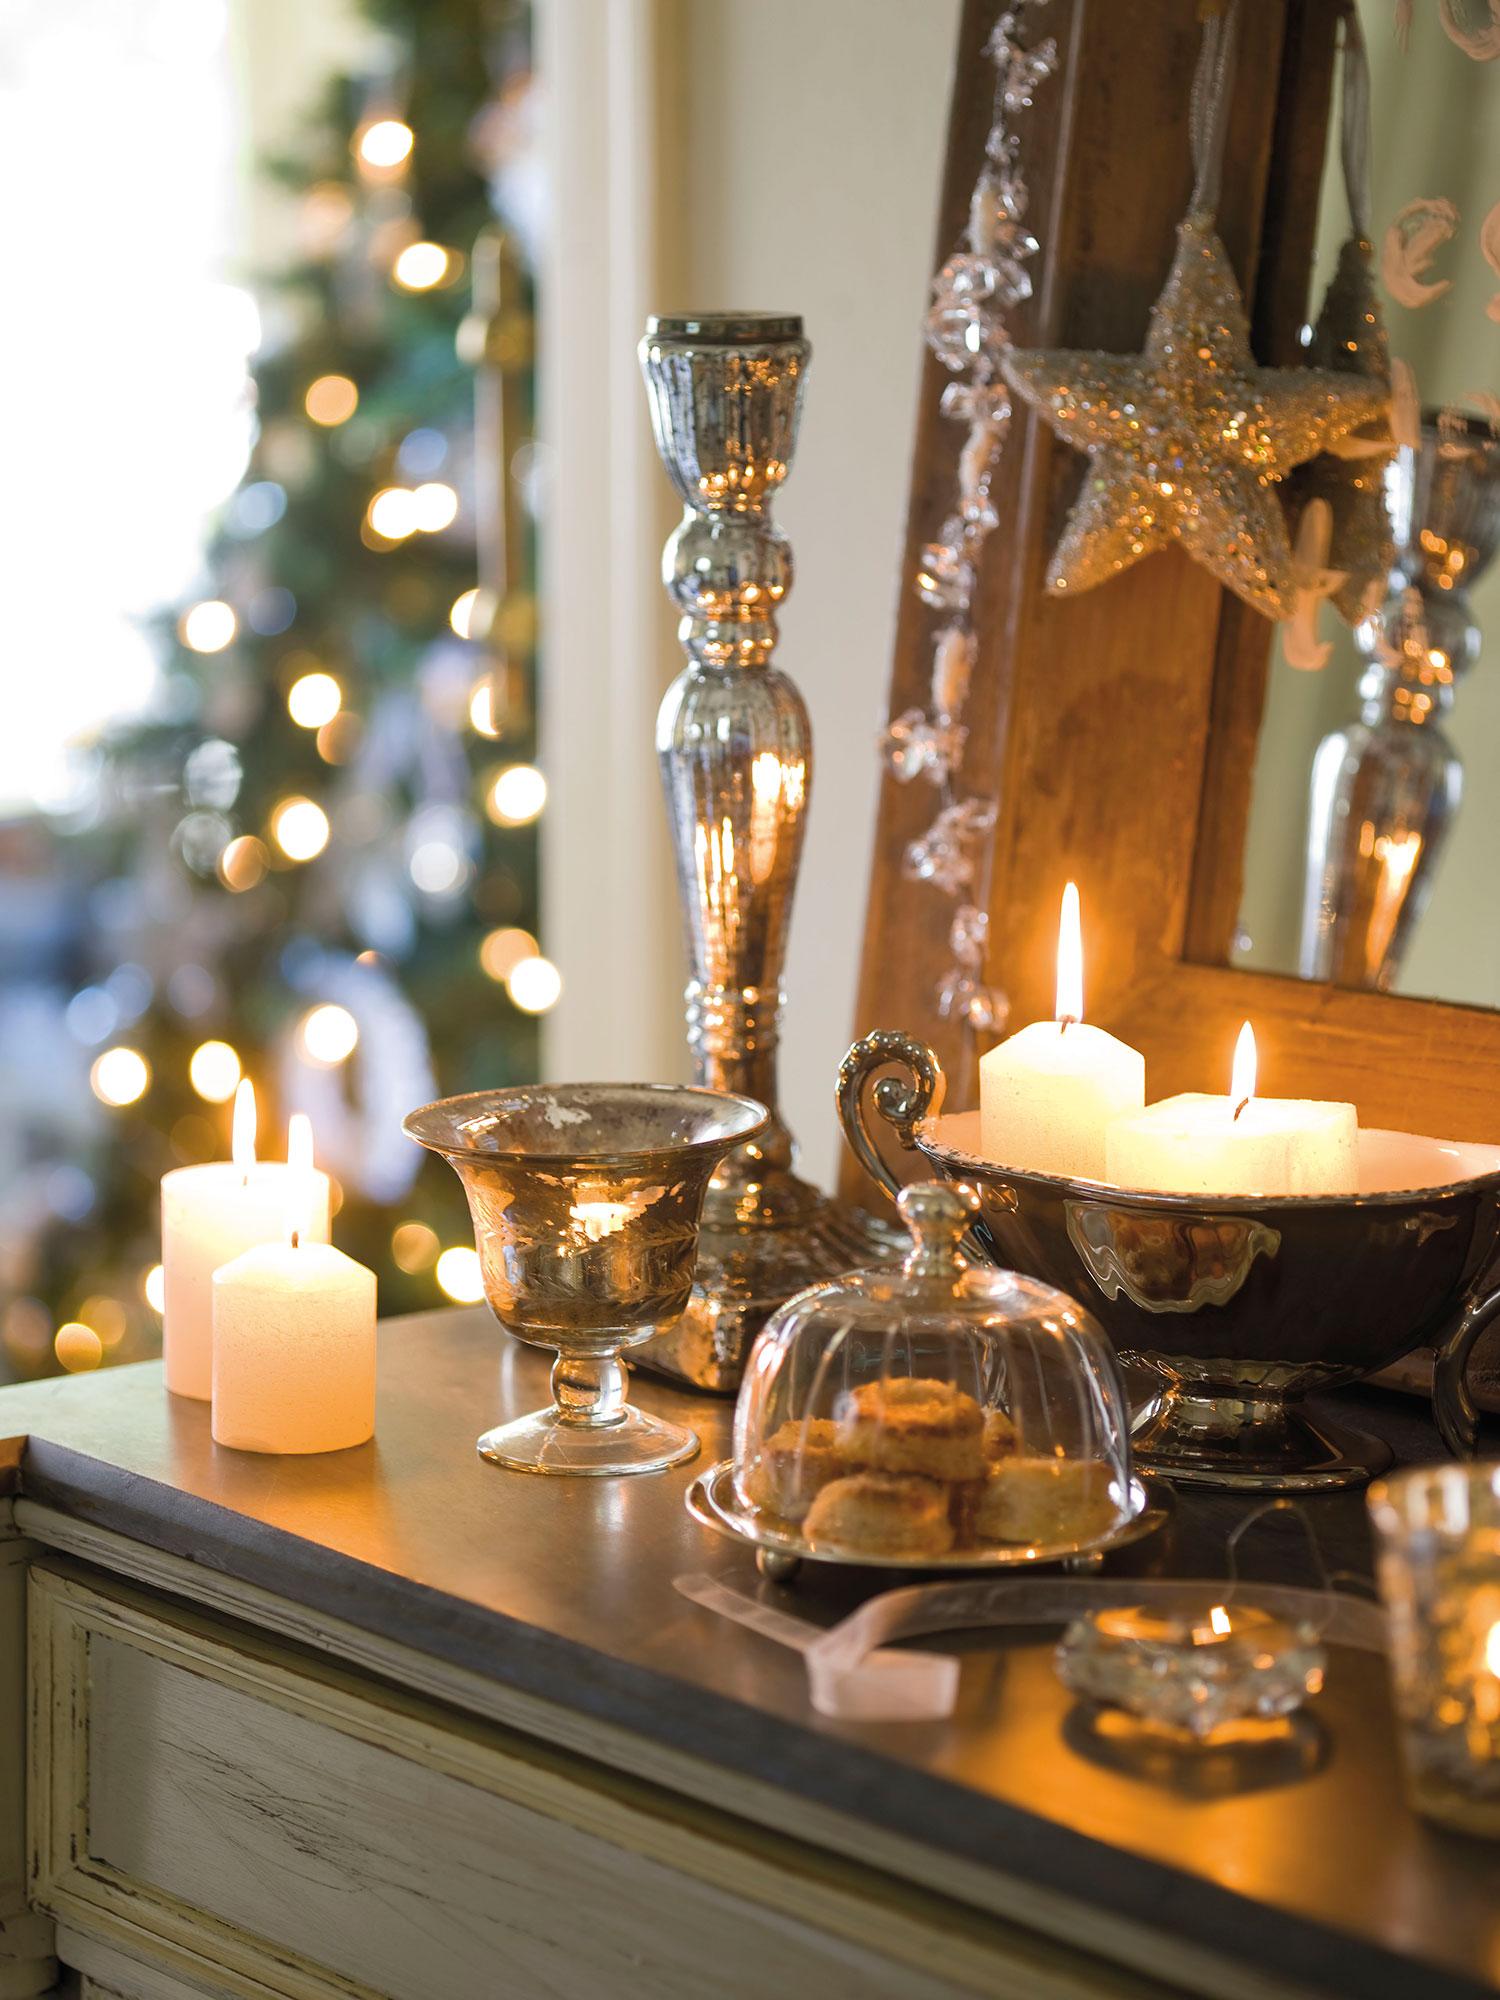 Detalles e ideas en plata para decorar tu casa esta navidad for Detalles decoracion casa